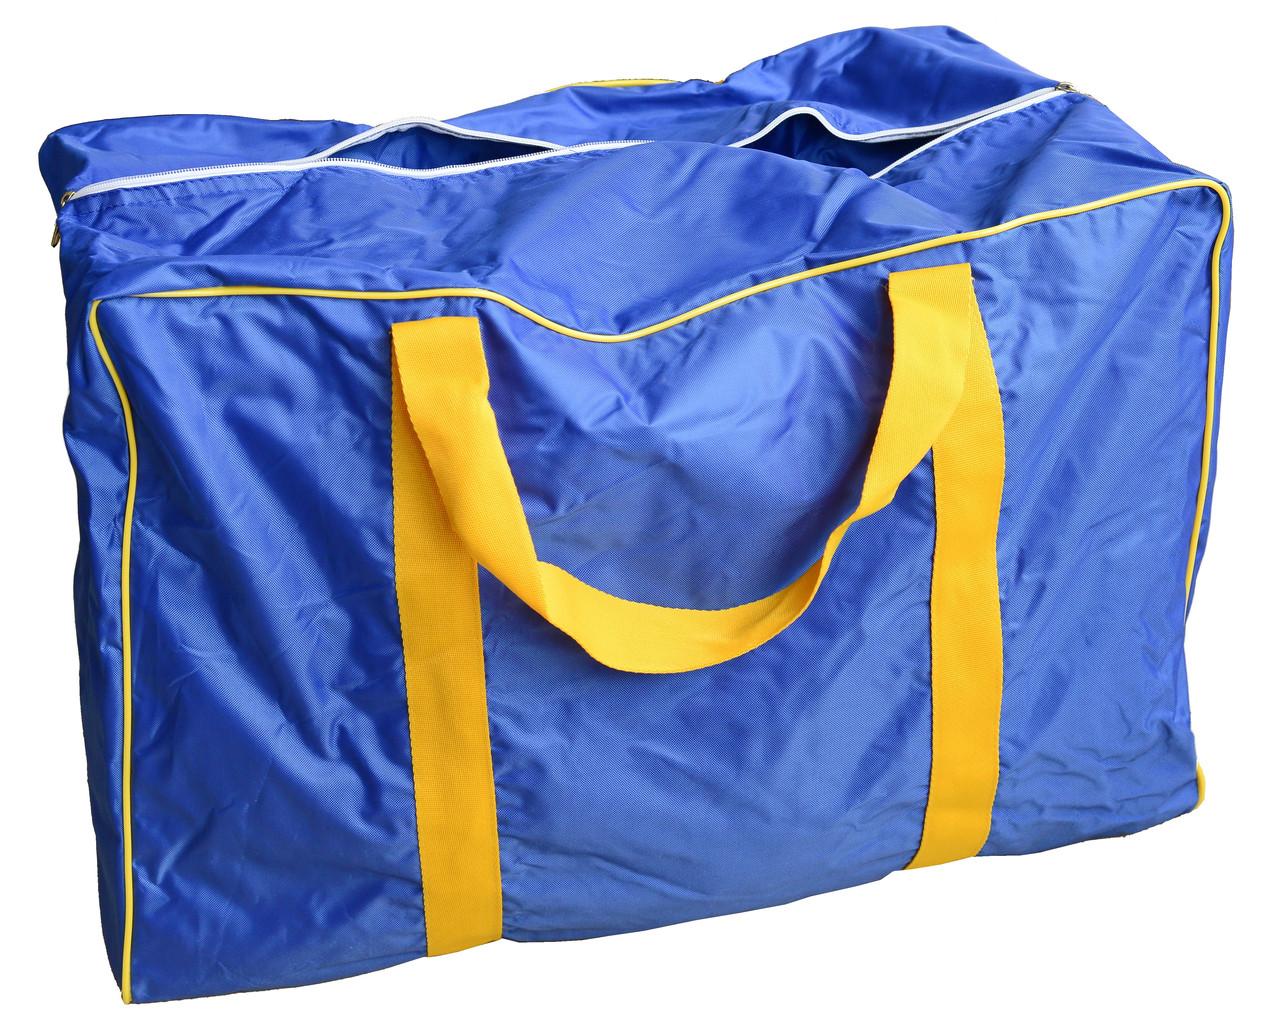 Сумка влагозащищенная для спасательных жилетов 35х40х65см